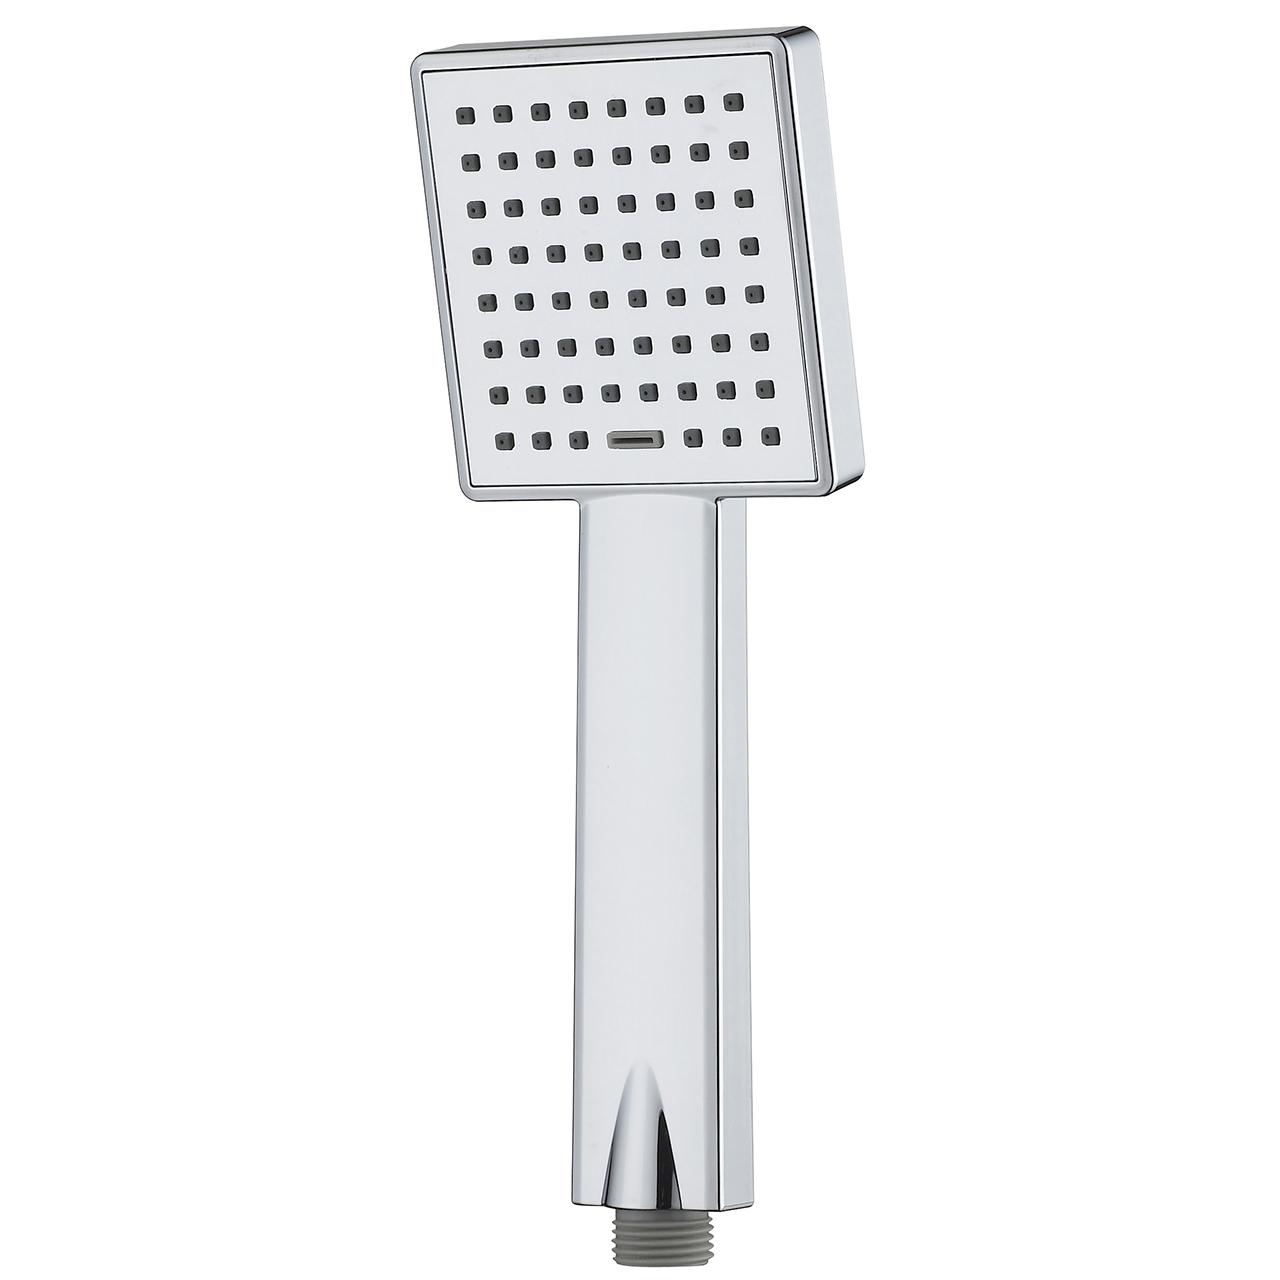 سردوش حمام سیتکو کد 1124